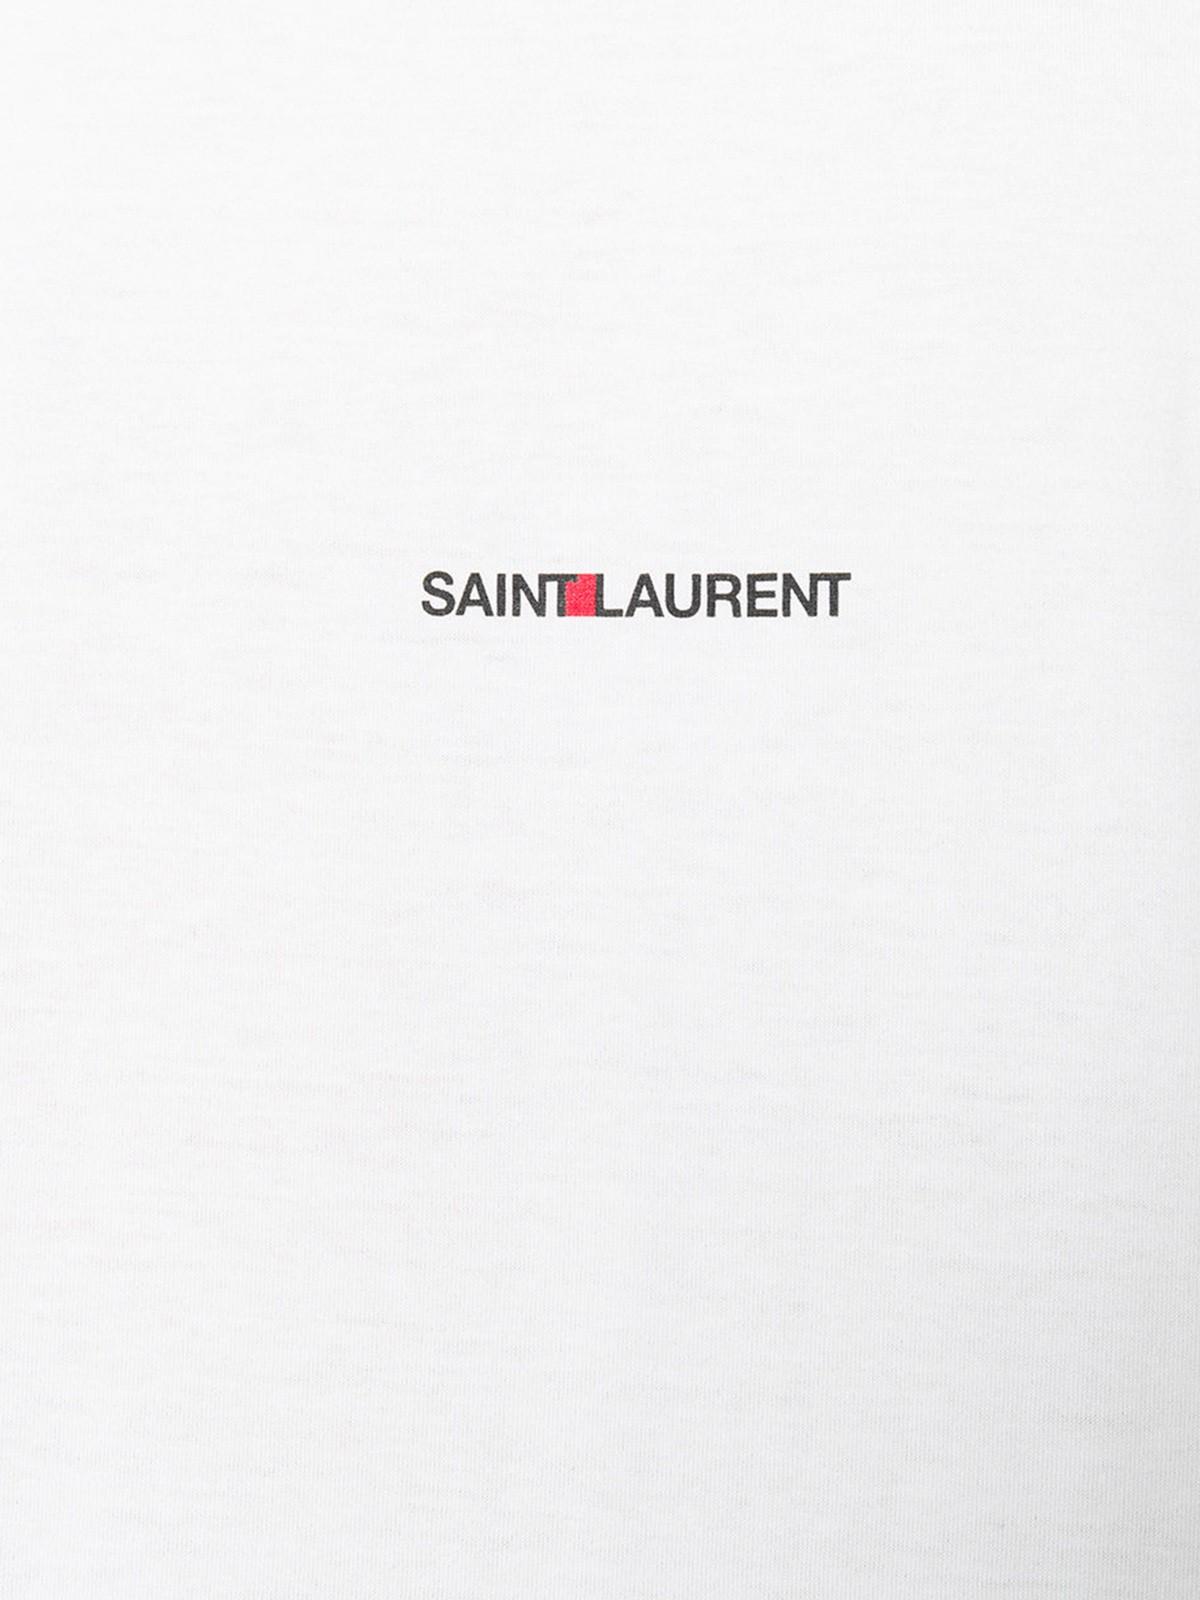 c18a8c988df saint laurent LOGO T-SHIRT available on montiboutique.com - 22005